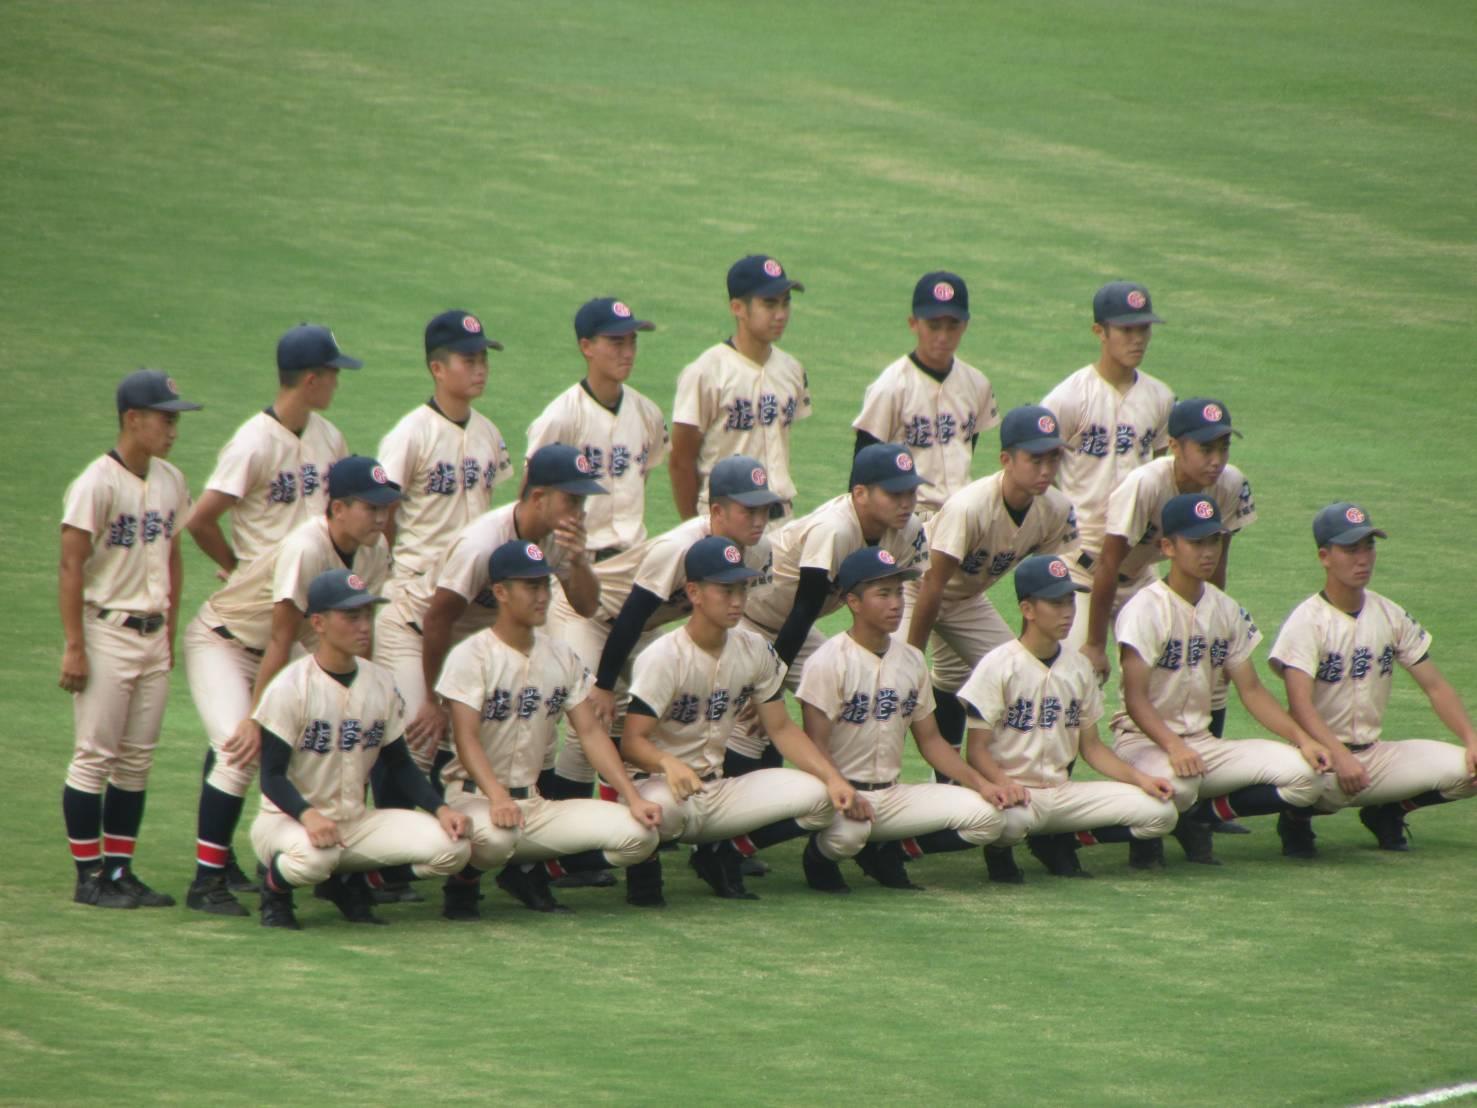 第99回全国高校野球選手権石川大会 準決勝 vs寺井